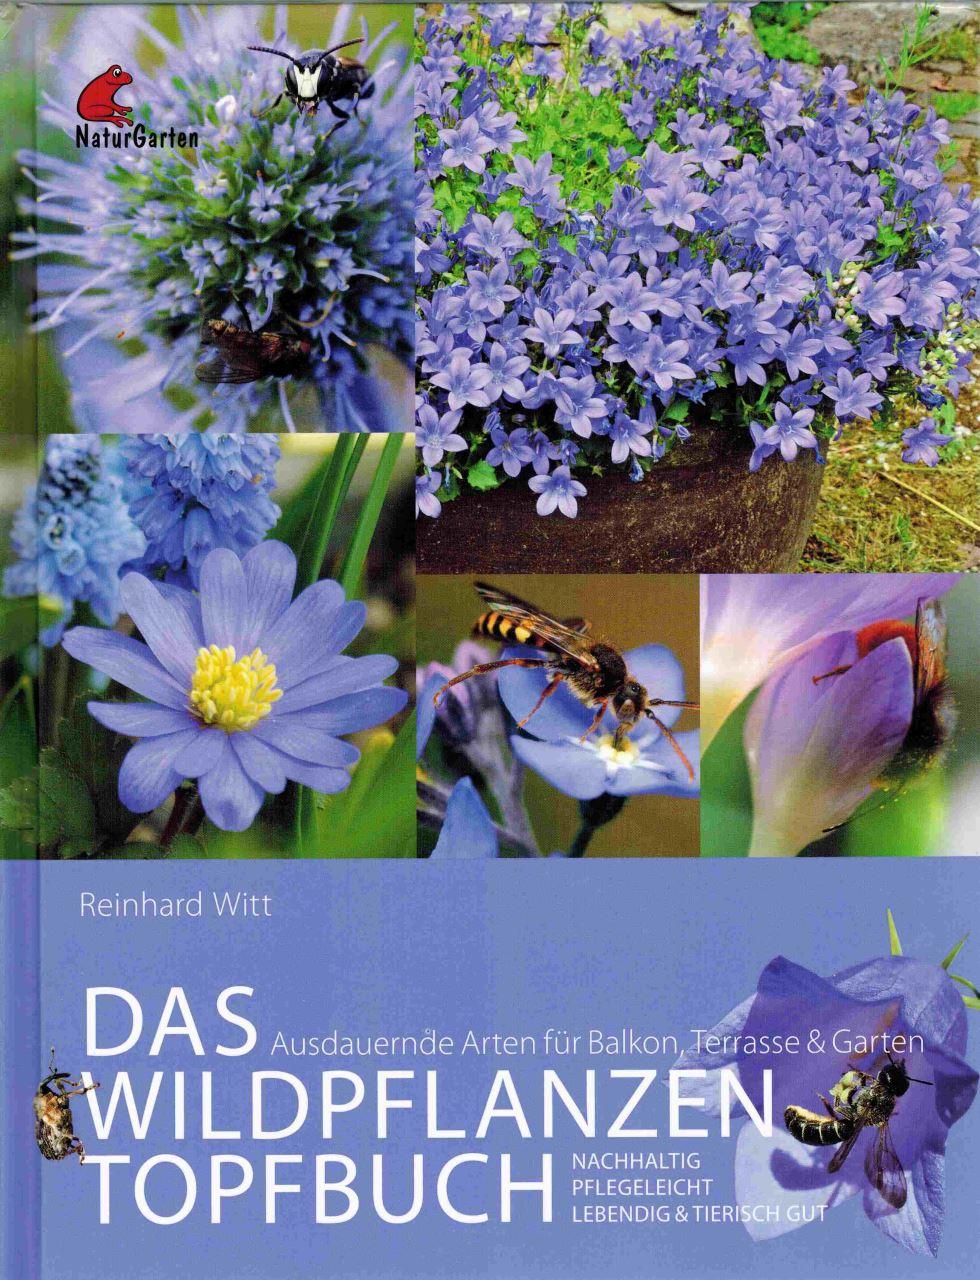 Wildpflanzentopfbuch